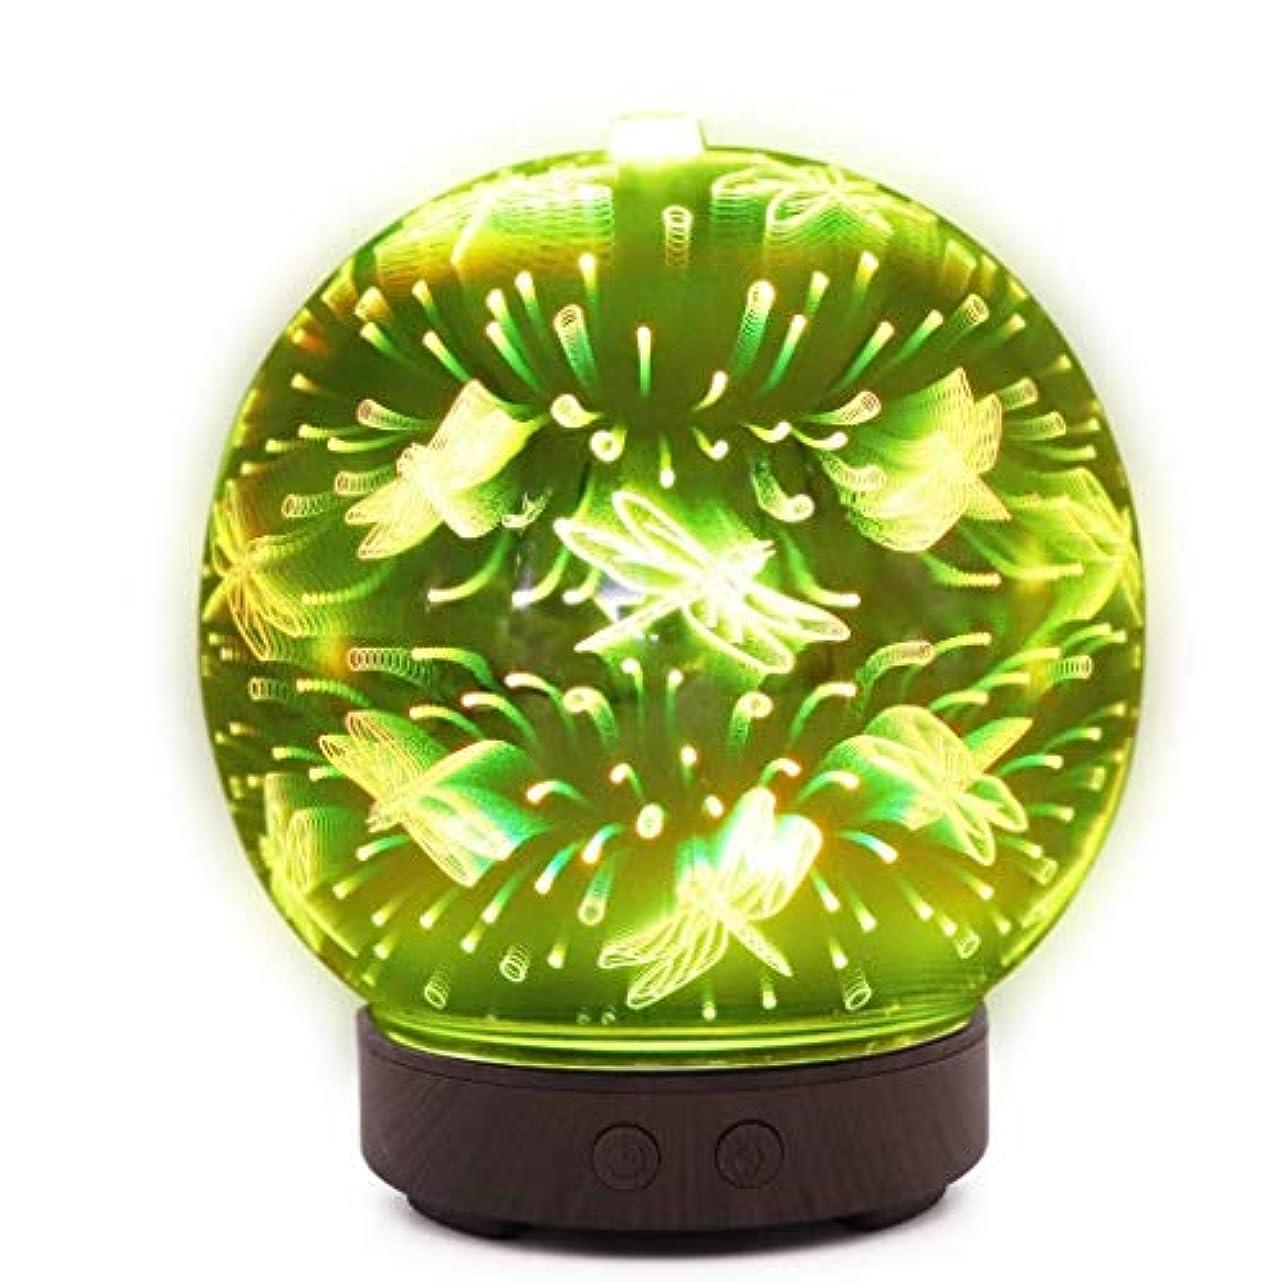 おソロスカート自動シャットオフ機能付き100mlミストディフューザー、7色LEDライト&大型水タンク - ホームヨガの寝室のための3D効果ナイトライトアロマ加湿器 (Color : Dragonfly Pattern)